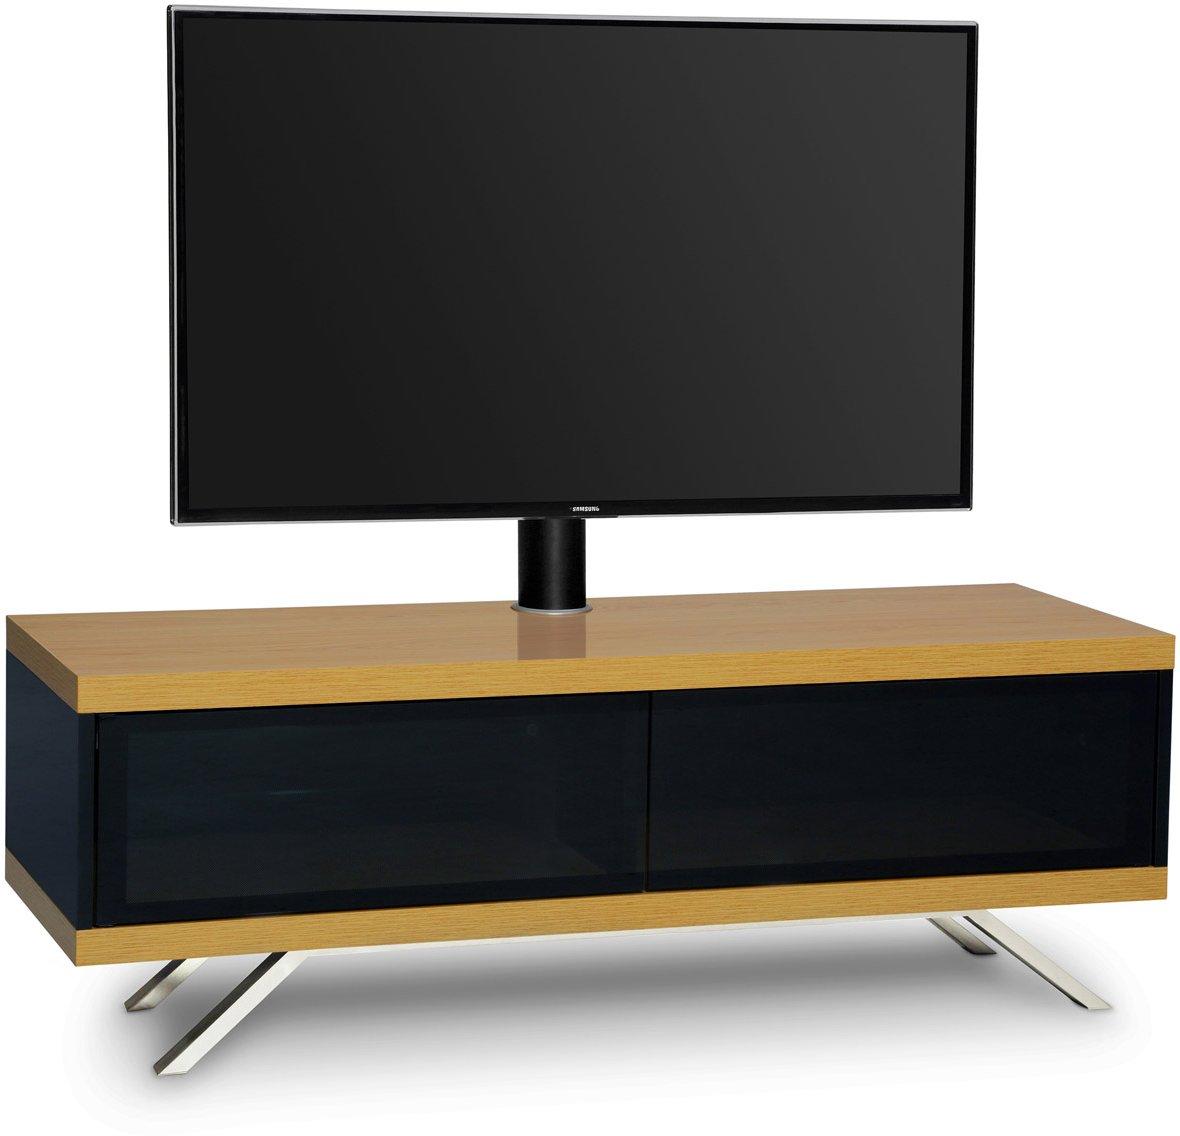 MDA Designs Tucana OAK BKT TV Stands